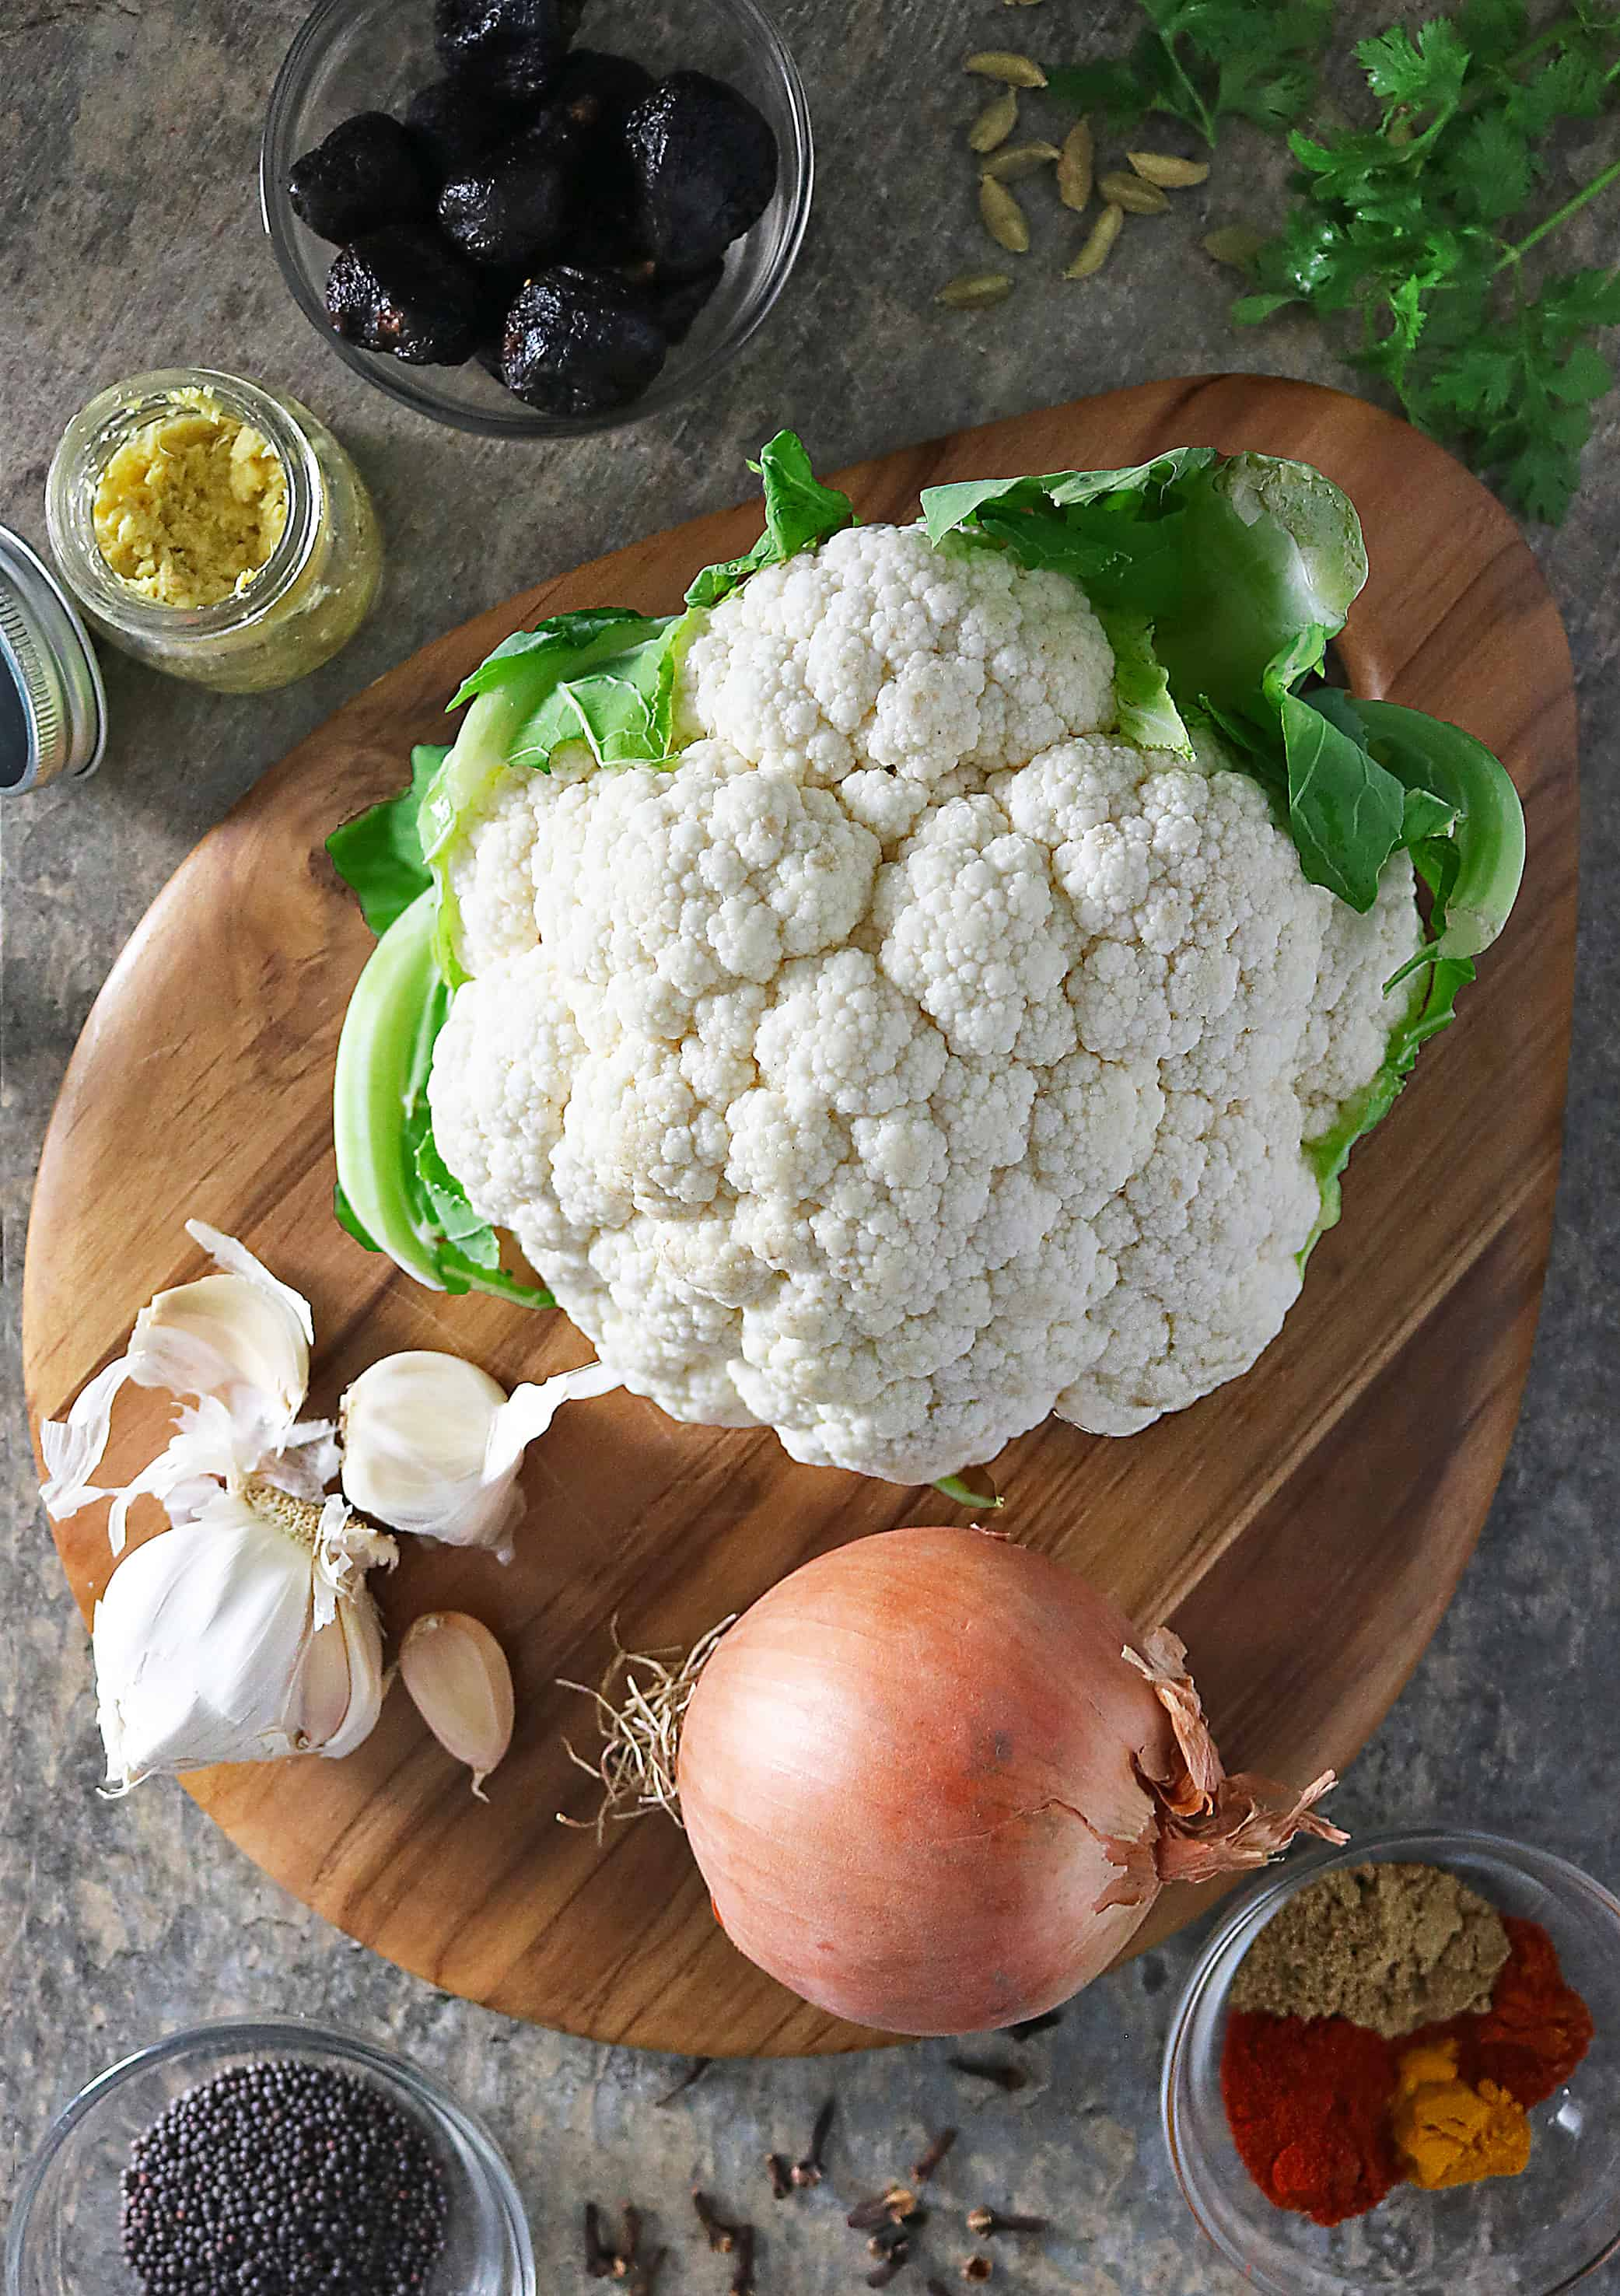 Ingredients to make Spicy Cauliflower Photo